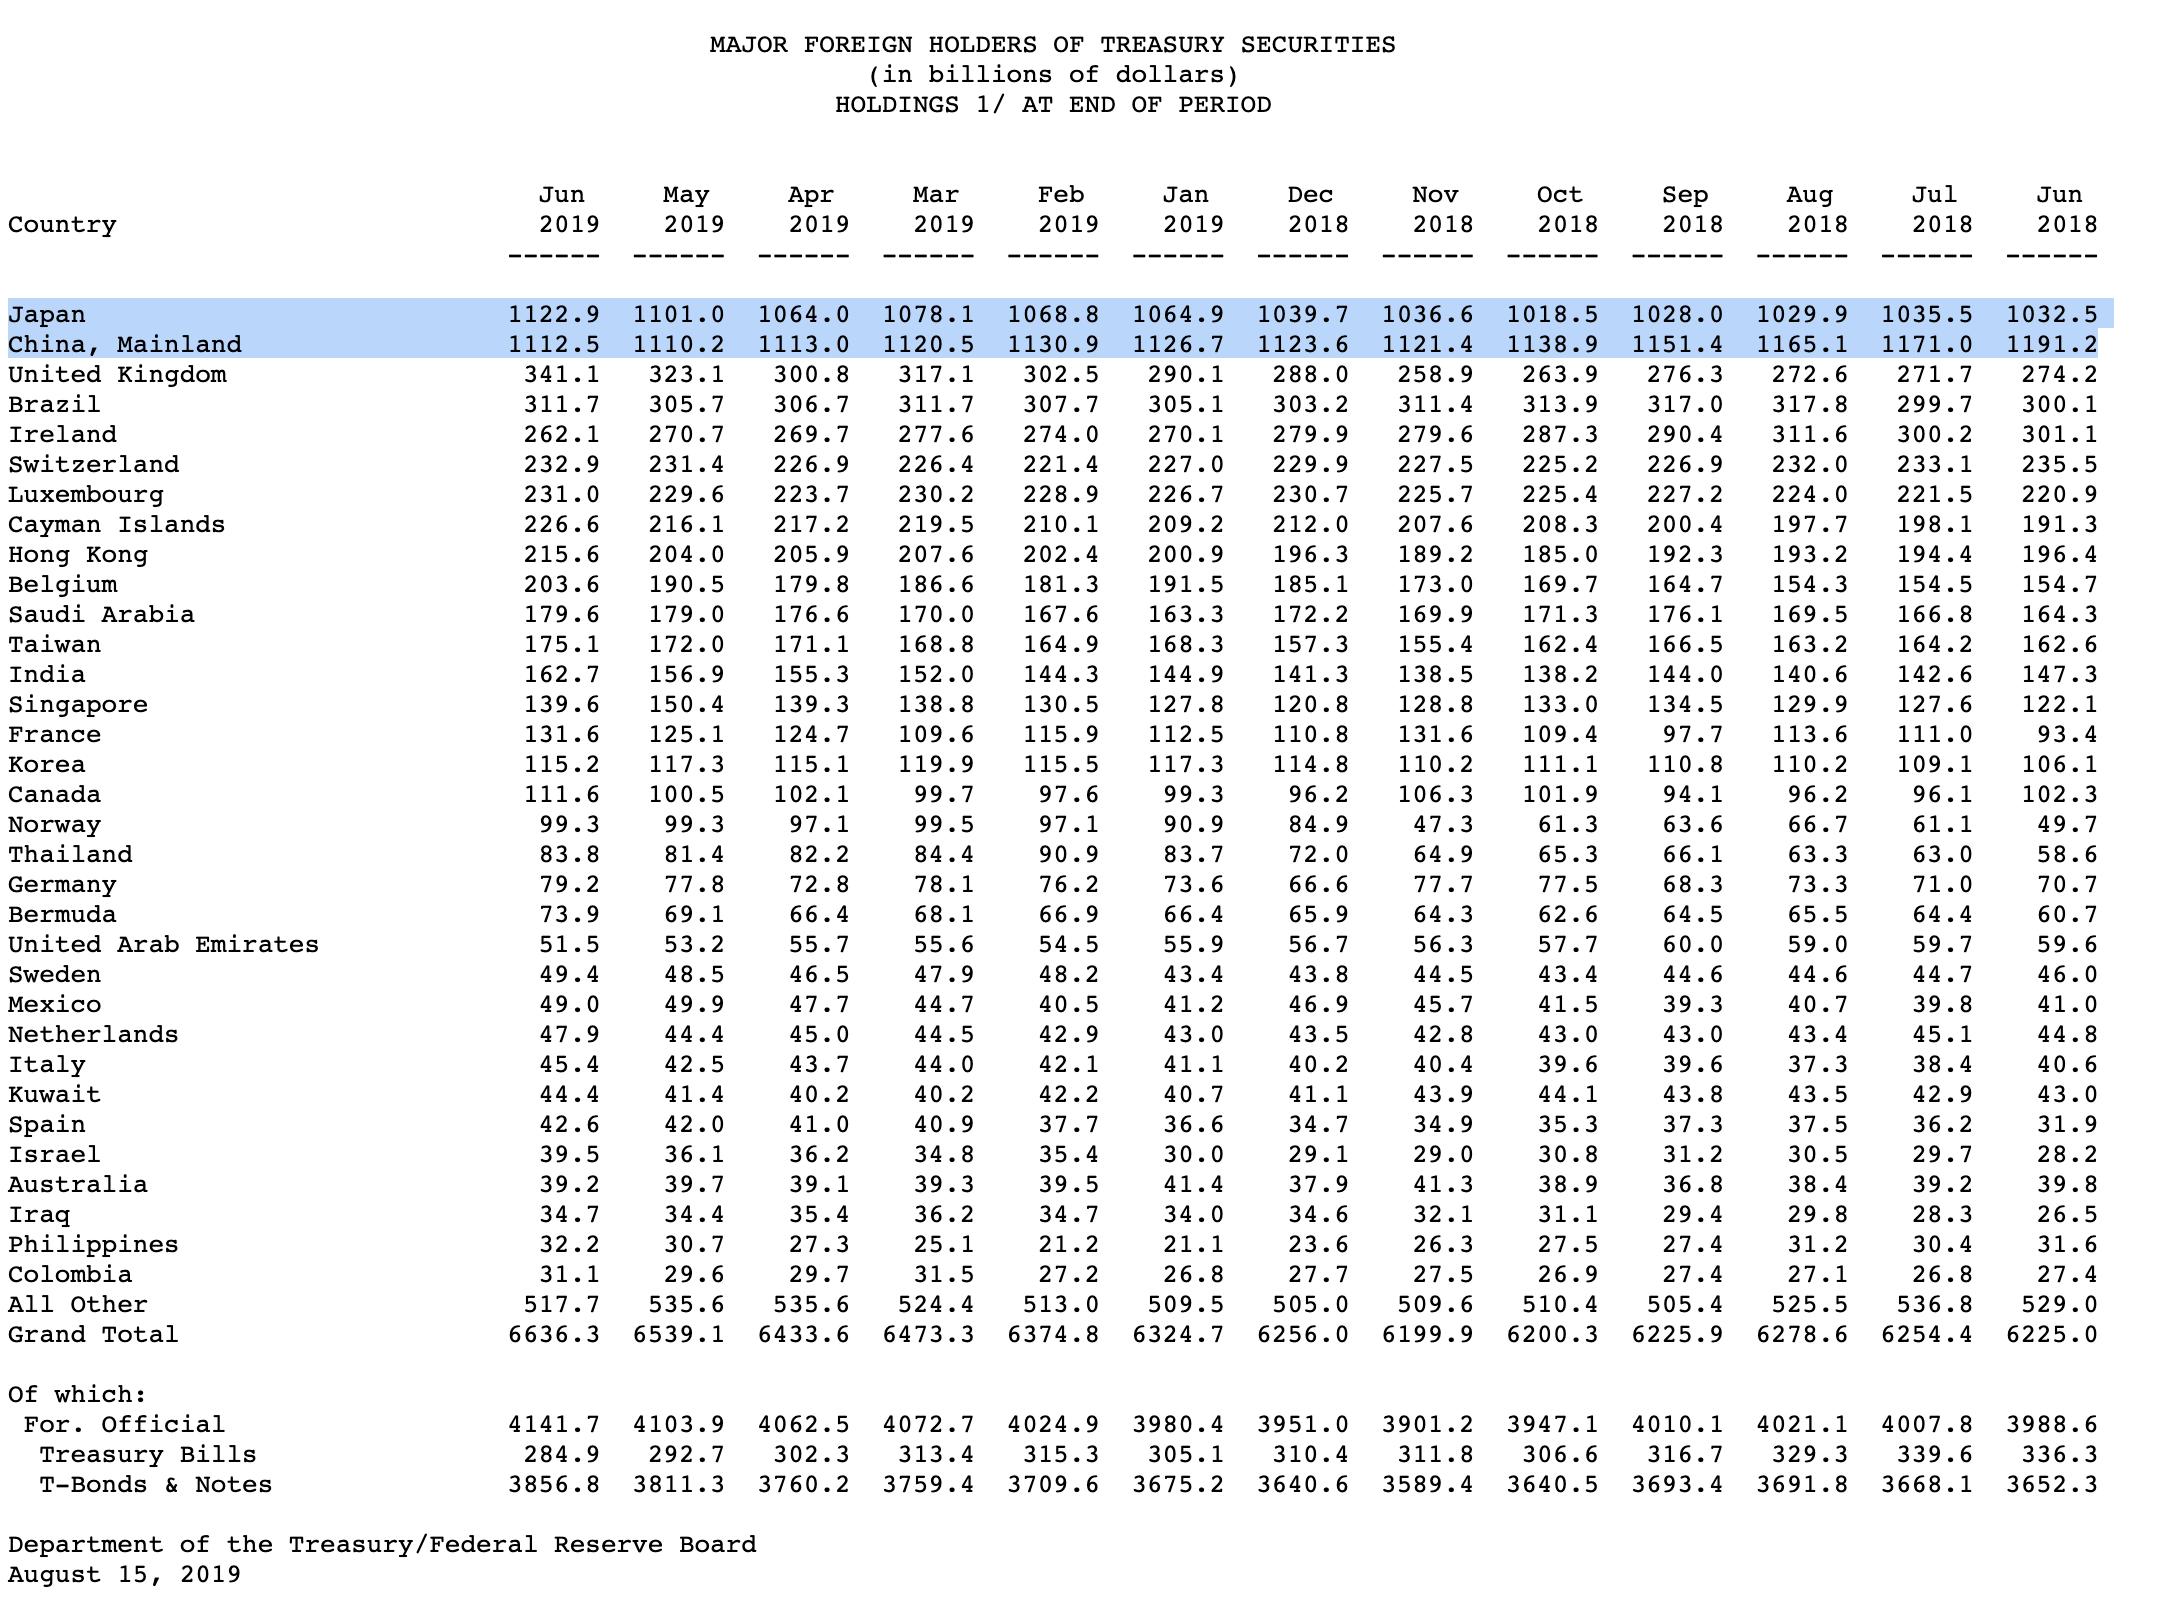 Ausländische Eigentümer von US-Staatsanleihen Stand Juni